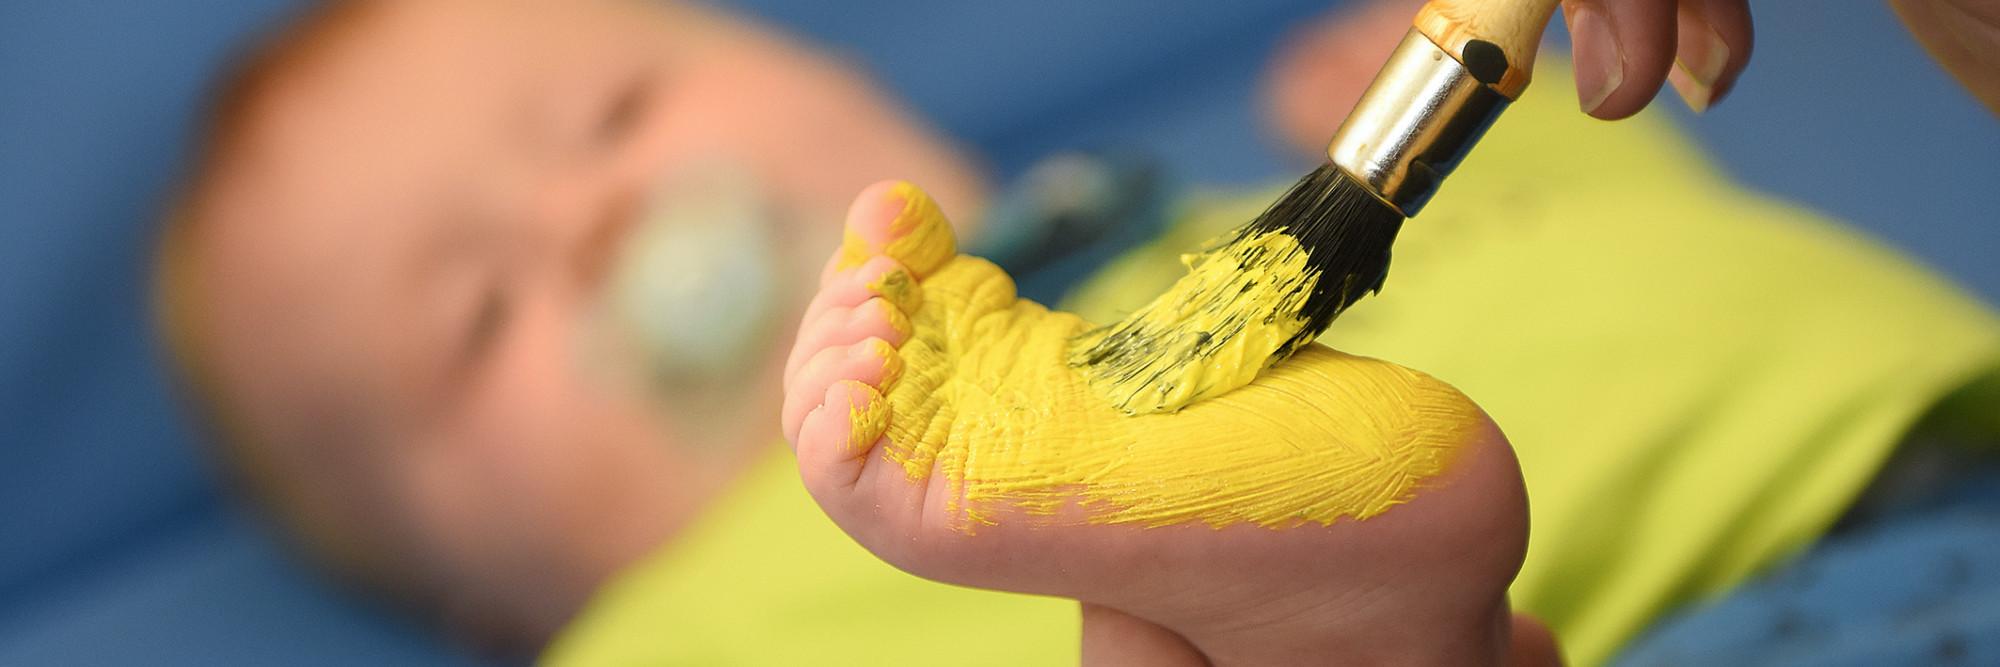 Der Fuß eines Kleinkindes wird im Rahmen einer Therapie mit gelber Farbe bepinselt.